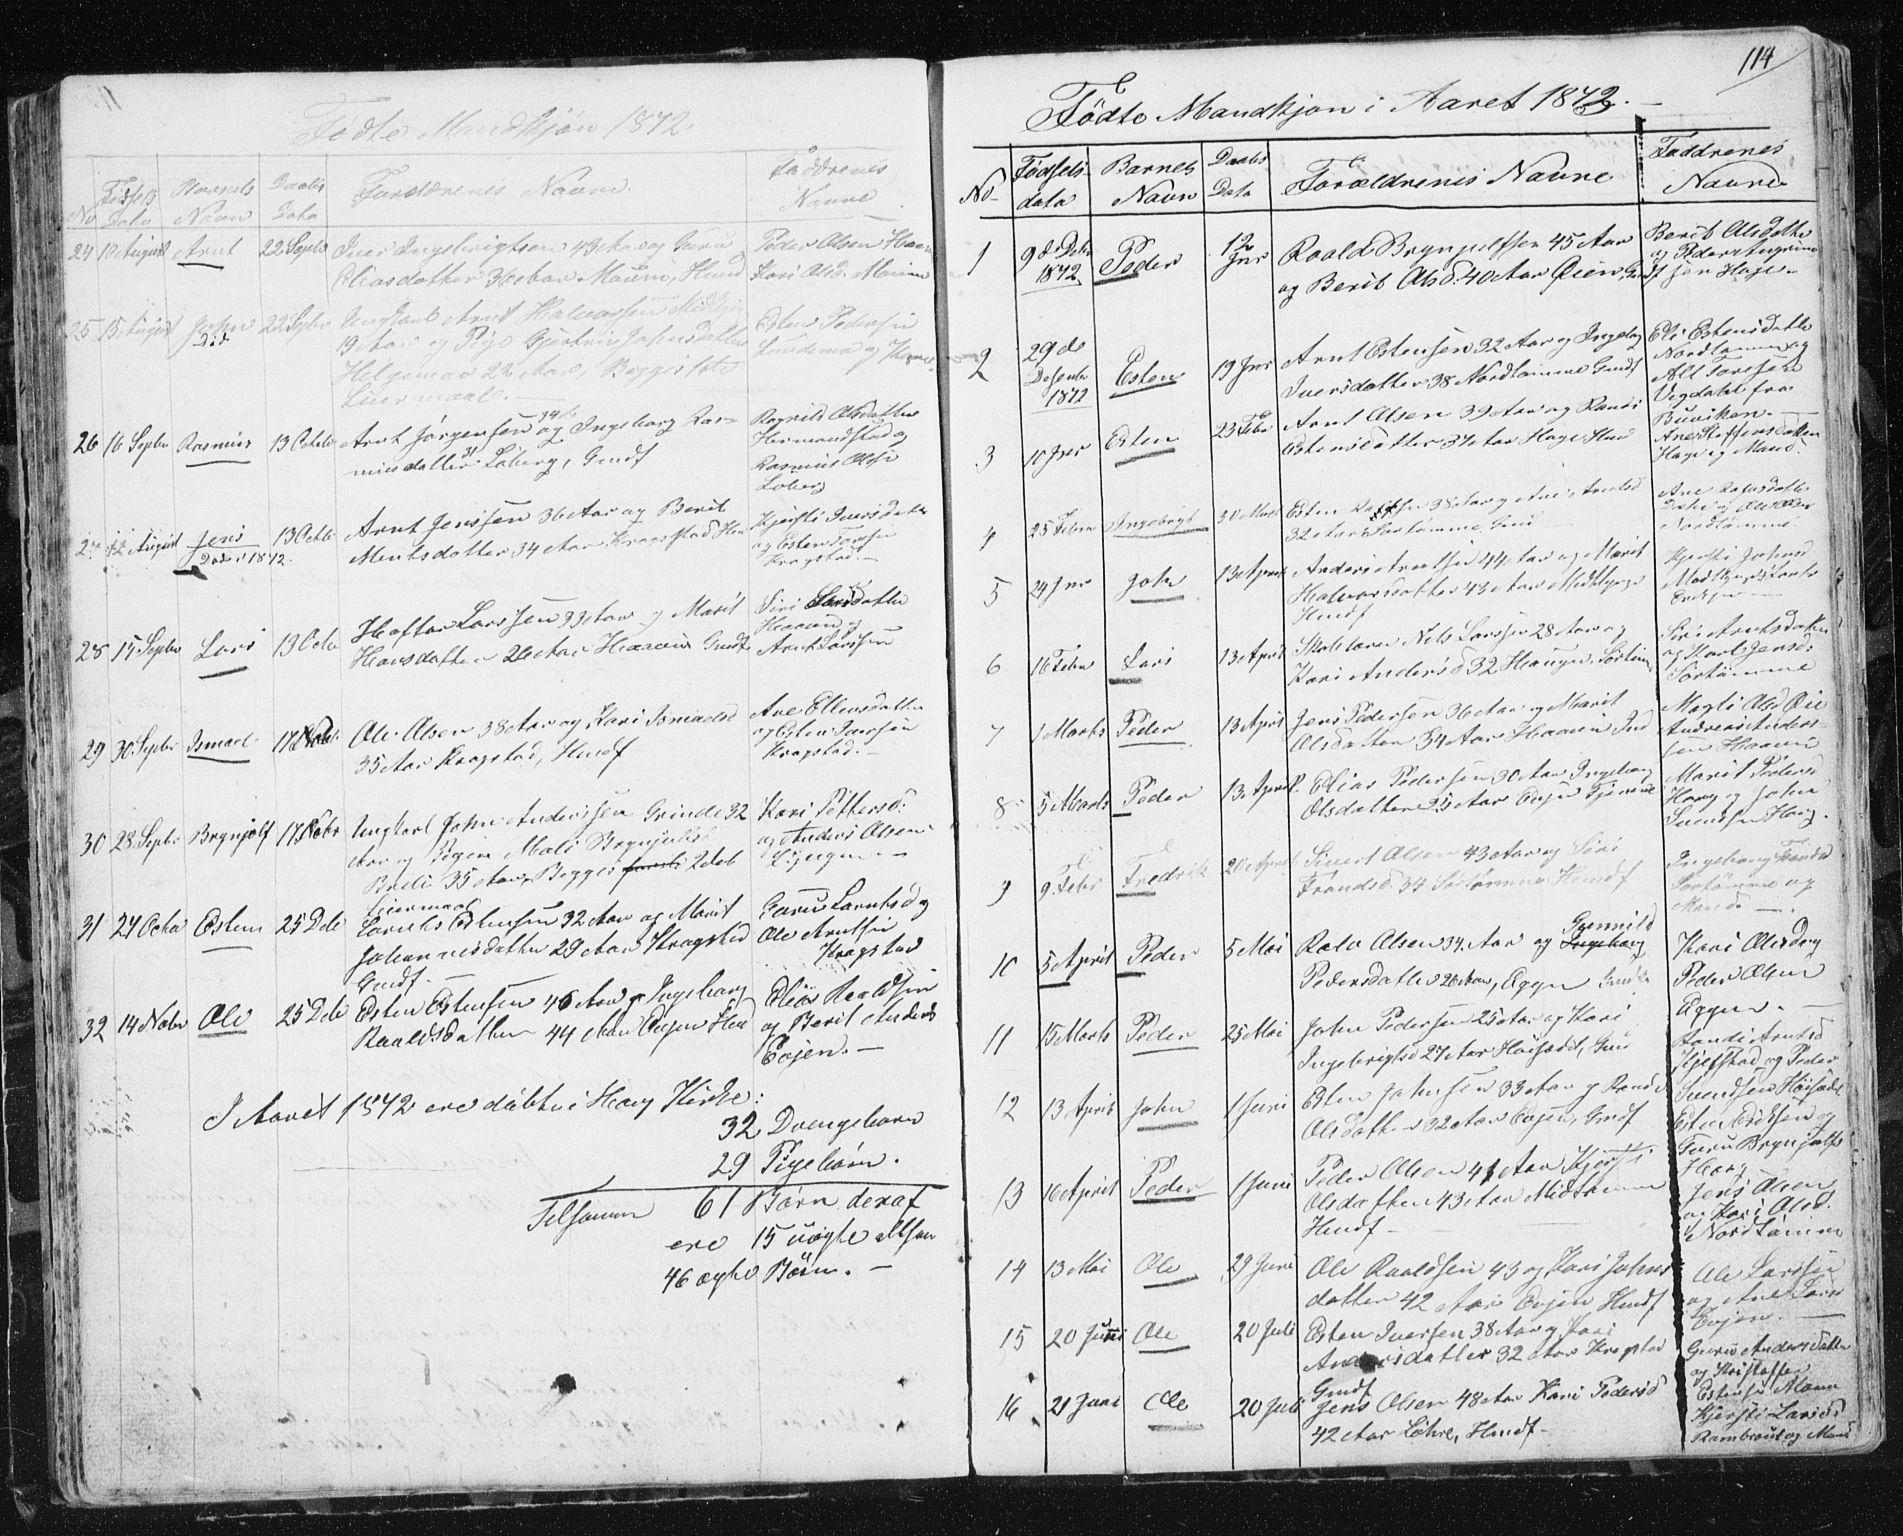 SAT, Ministerialprotokoller, klokkerbøker og fødselsregistre - Sør-Trøndelag, 692/L1110: Klokkerbok nr. 692C05, 1849-1889, s. 114